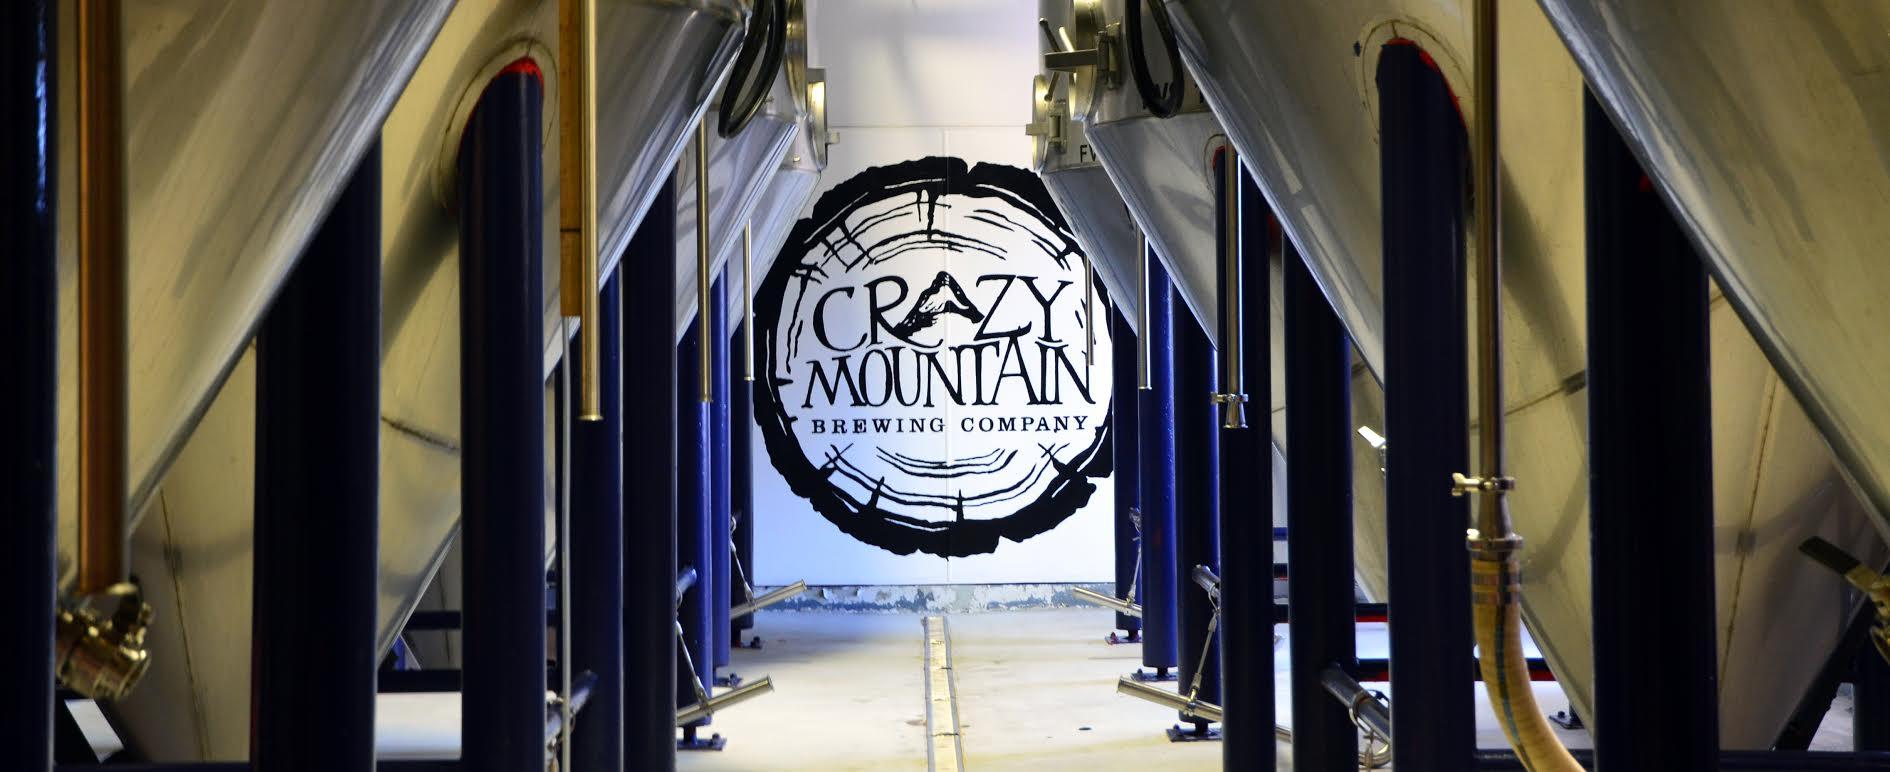 Crazy Mountain Brewing Co.